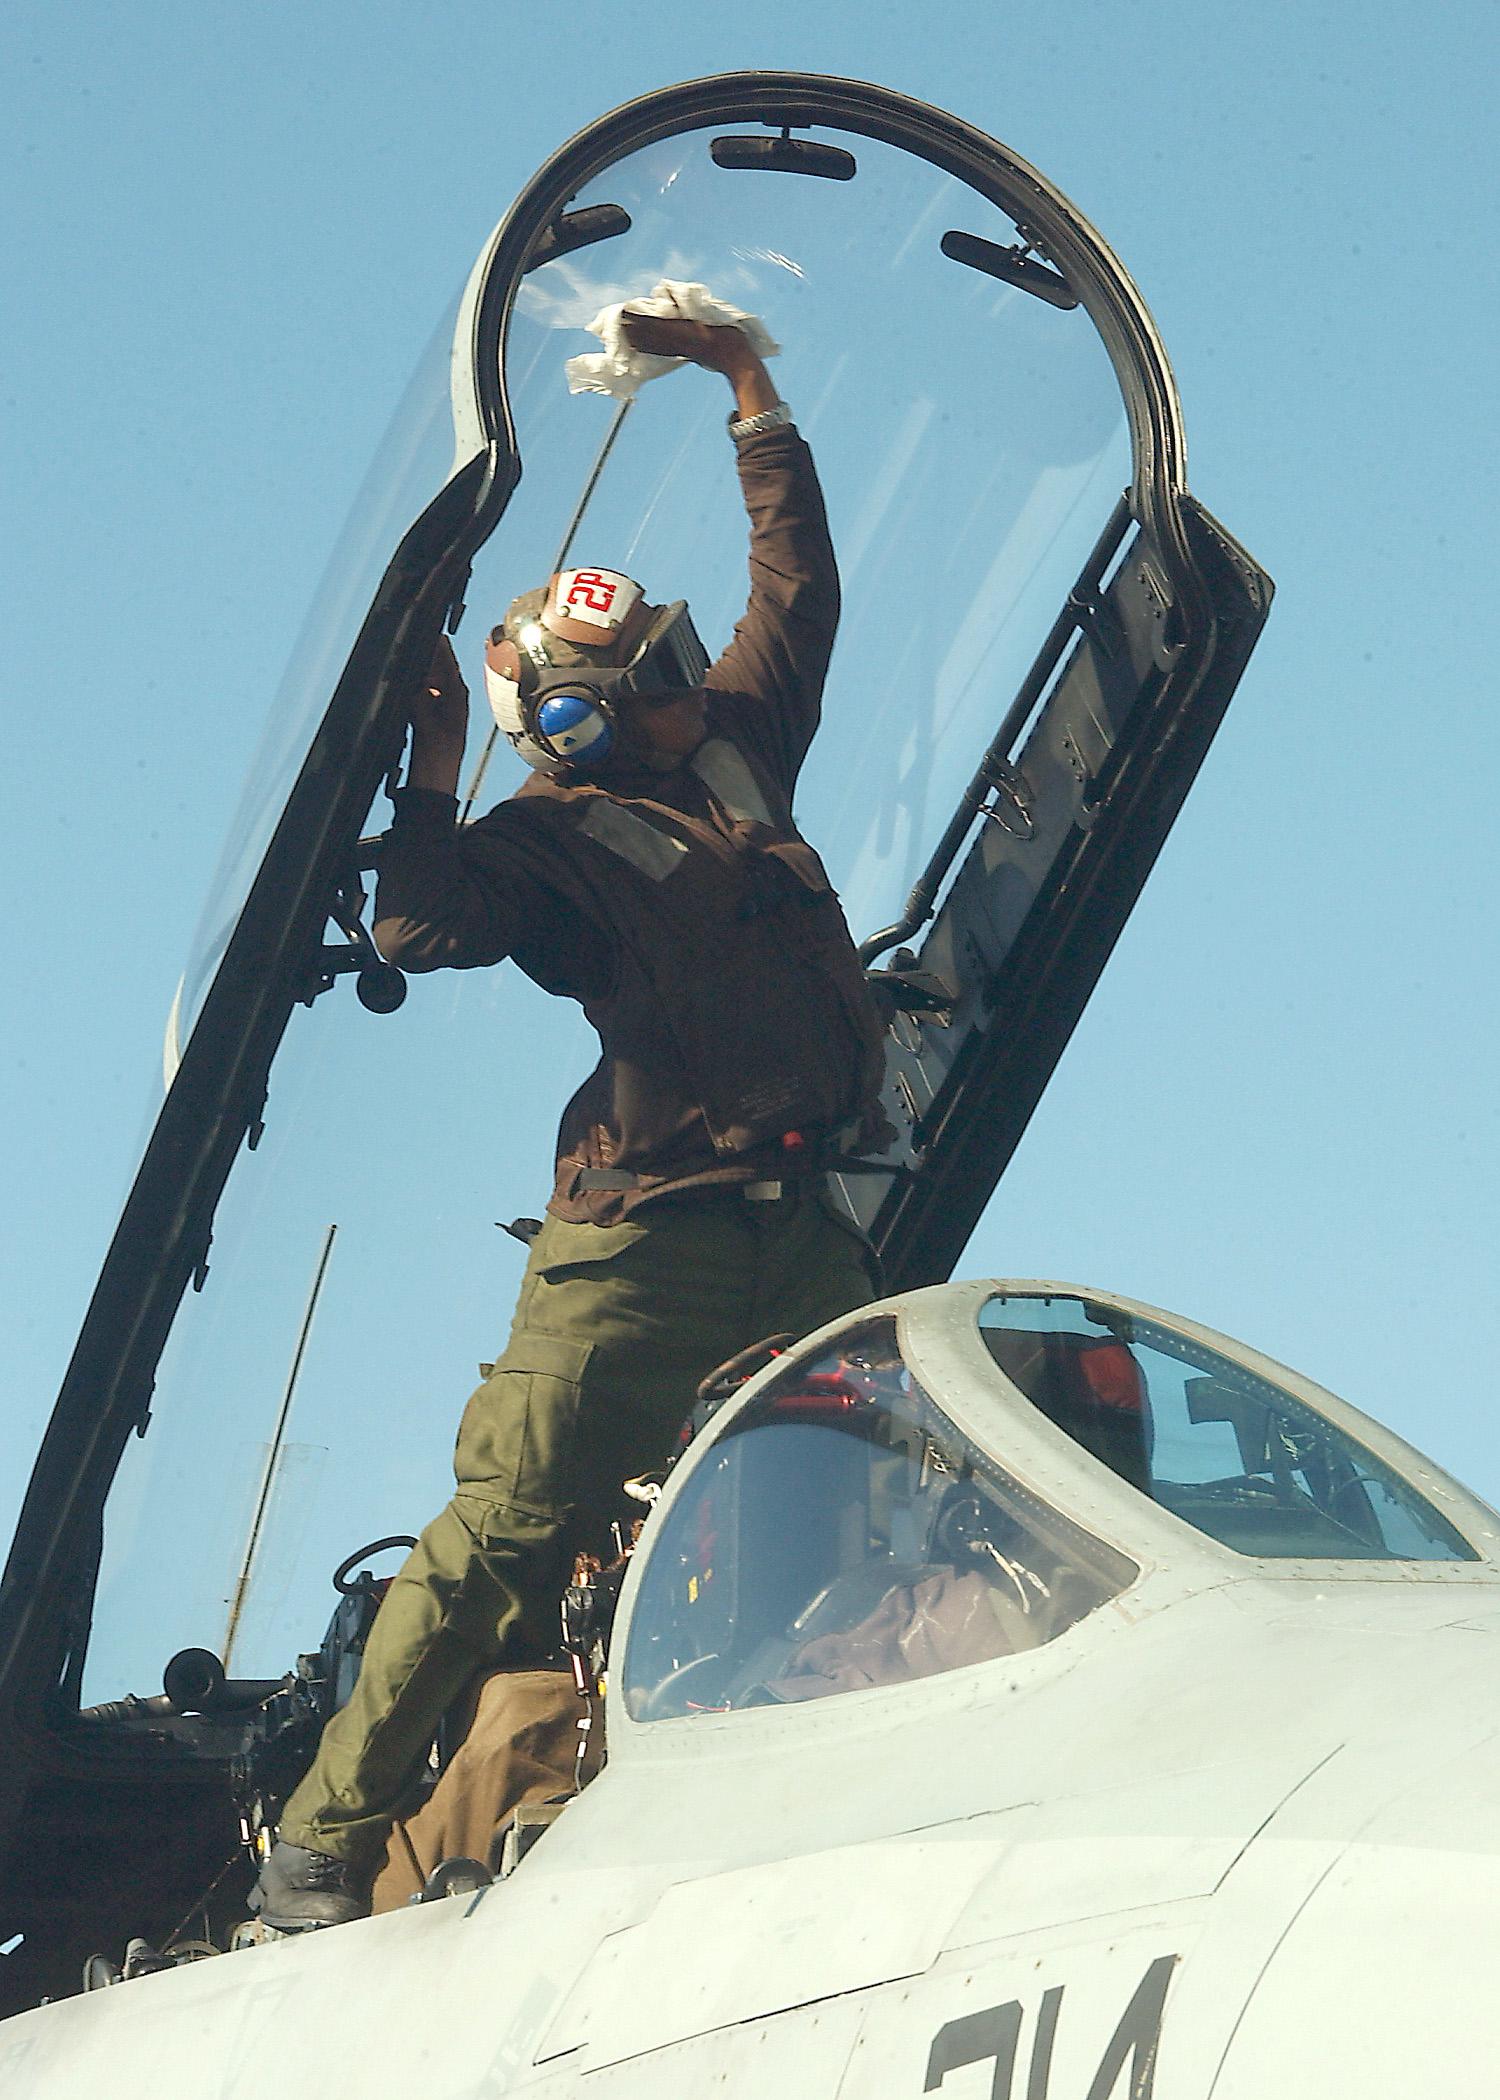 【アシェット】F-14 Tomcat 3号機【アシェット】 [転載禁止]©2ch.netYouTube動画>10本 ->画像>314枚